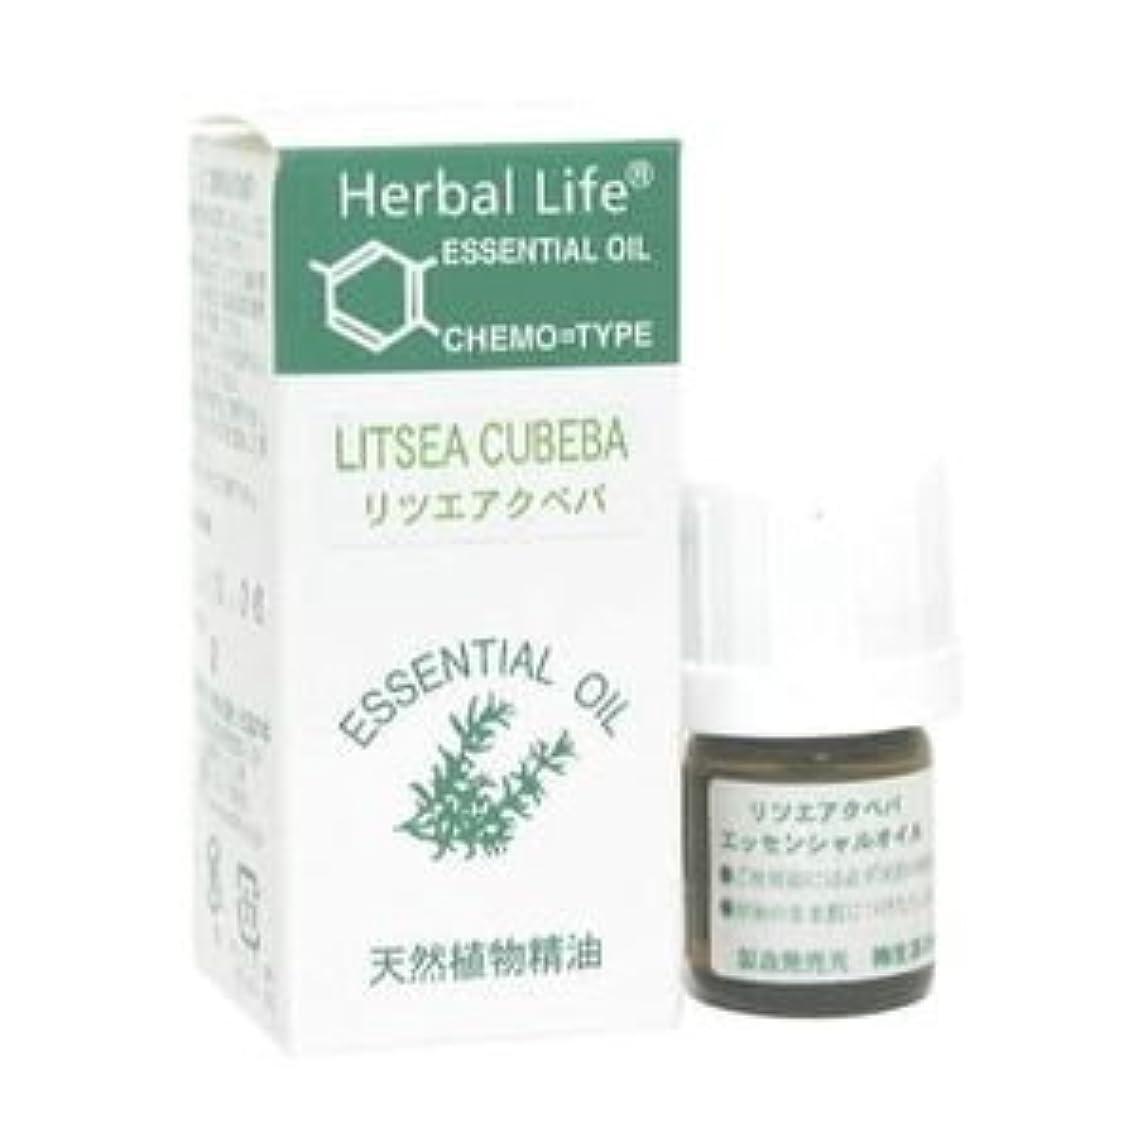 セント壁警告Herbal Life リツエアクベバ 3ml